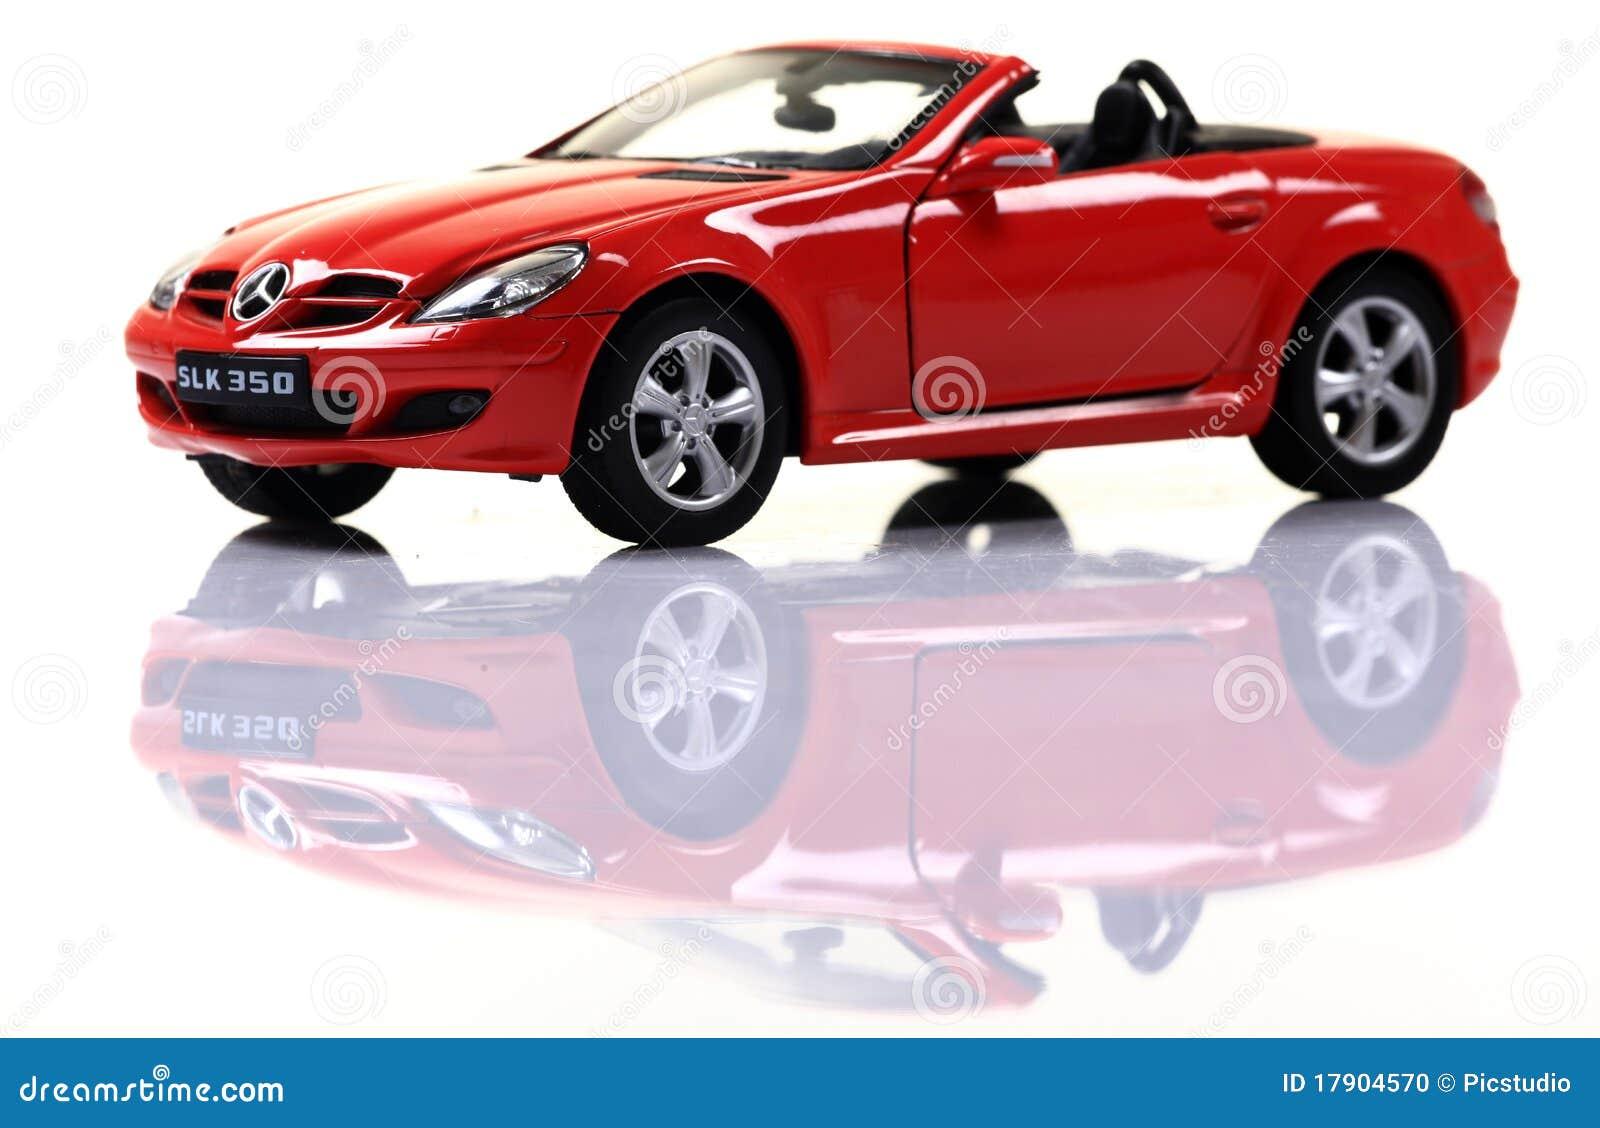 350 slk Mercedes